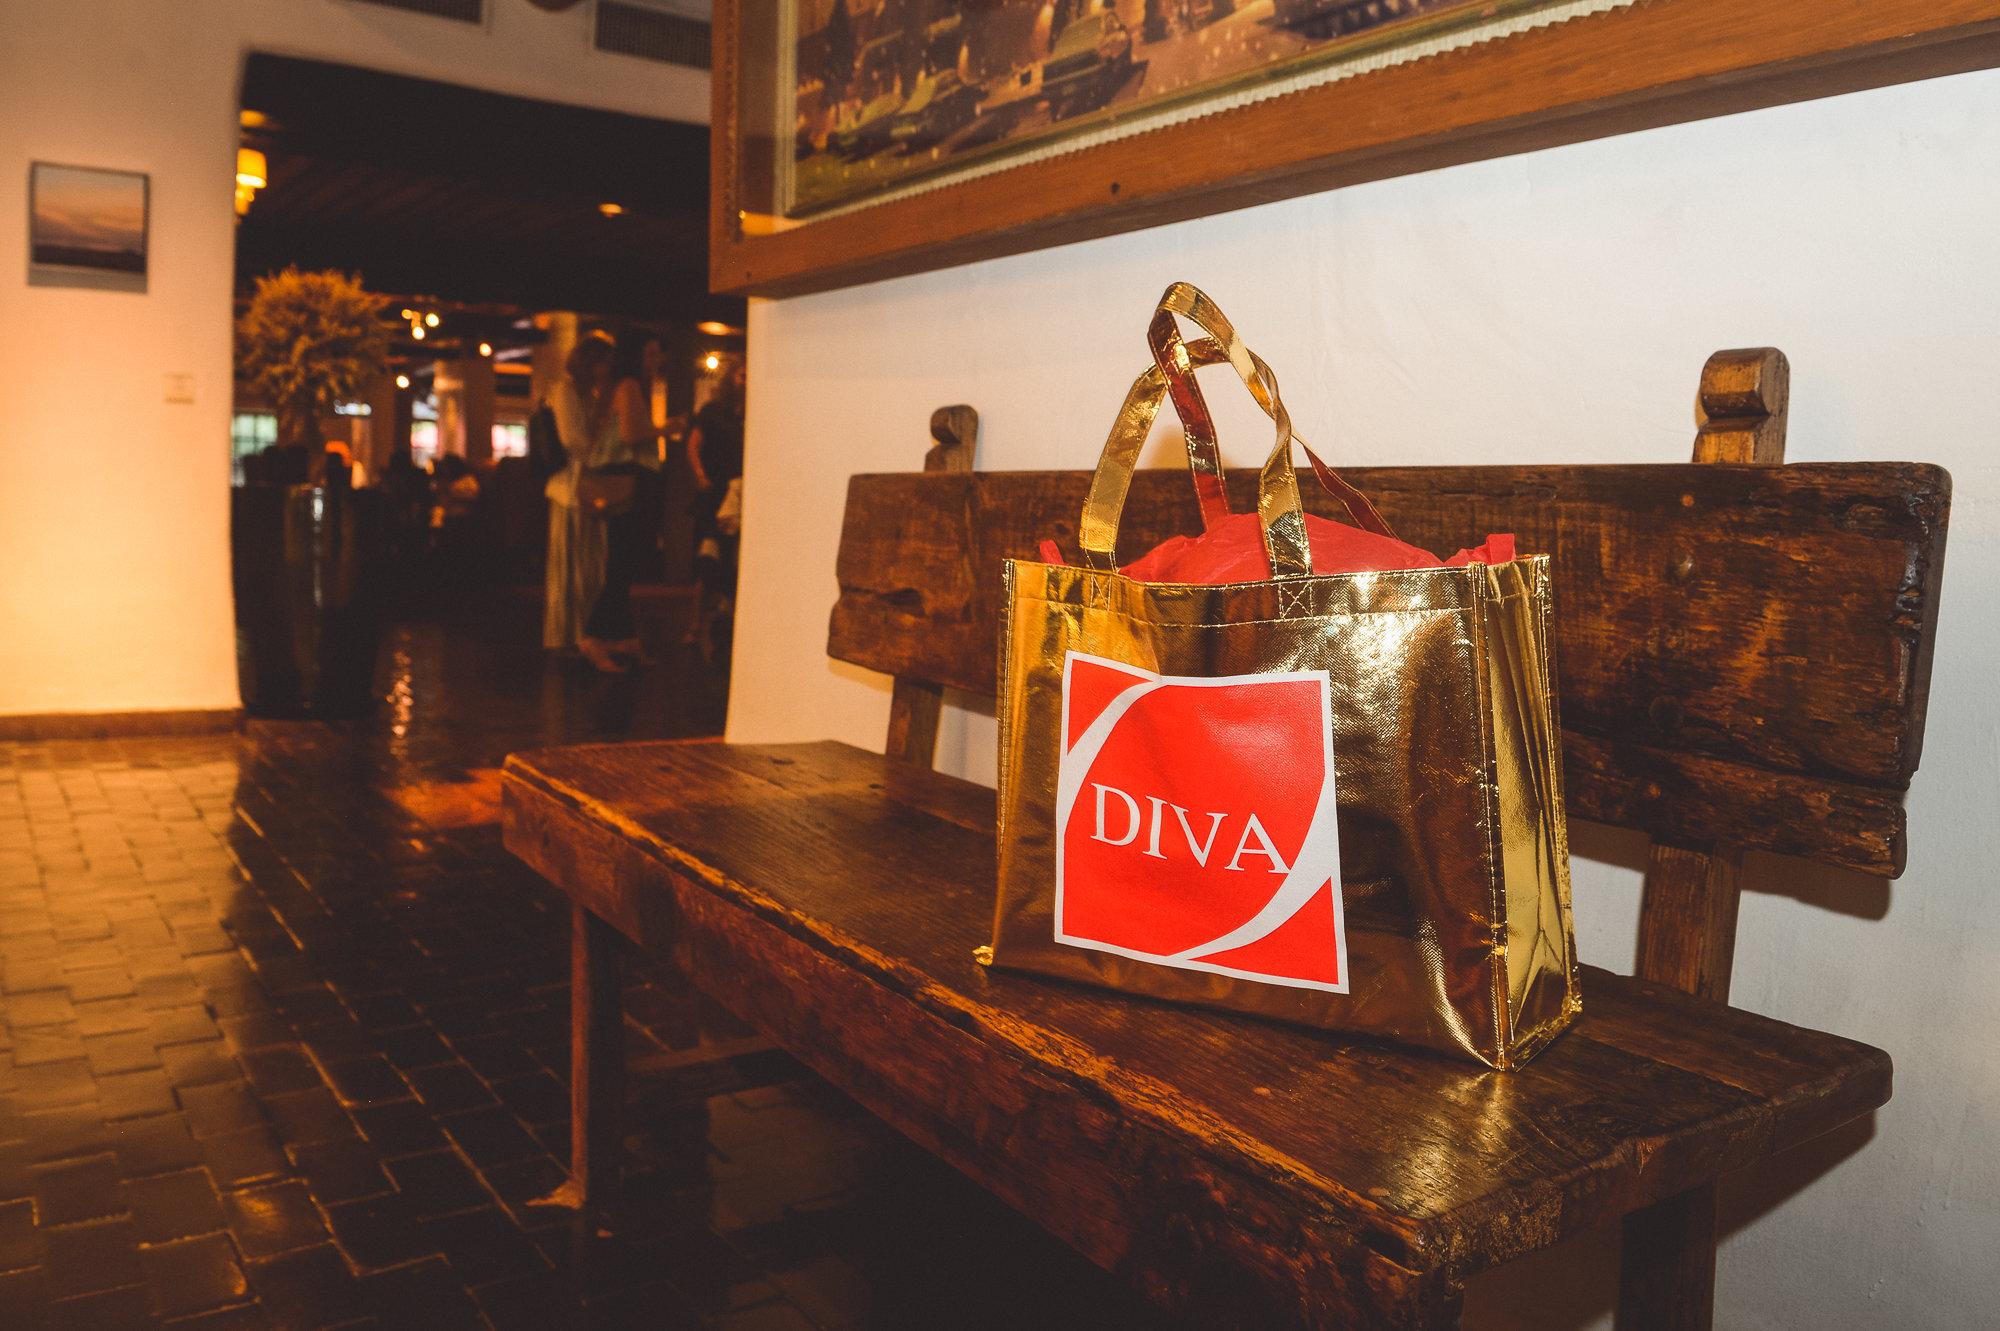 DivaVIP2017-dinner-198.jpg